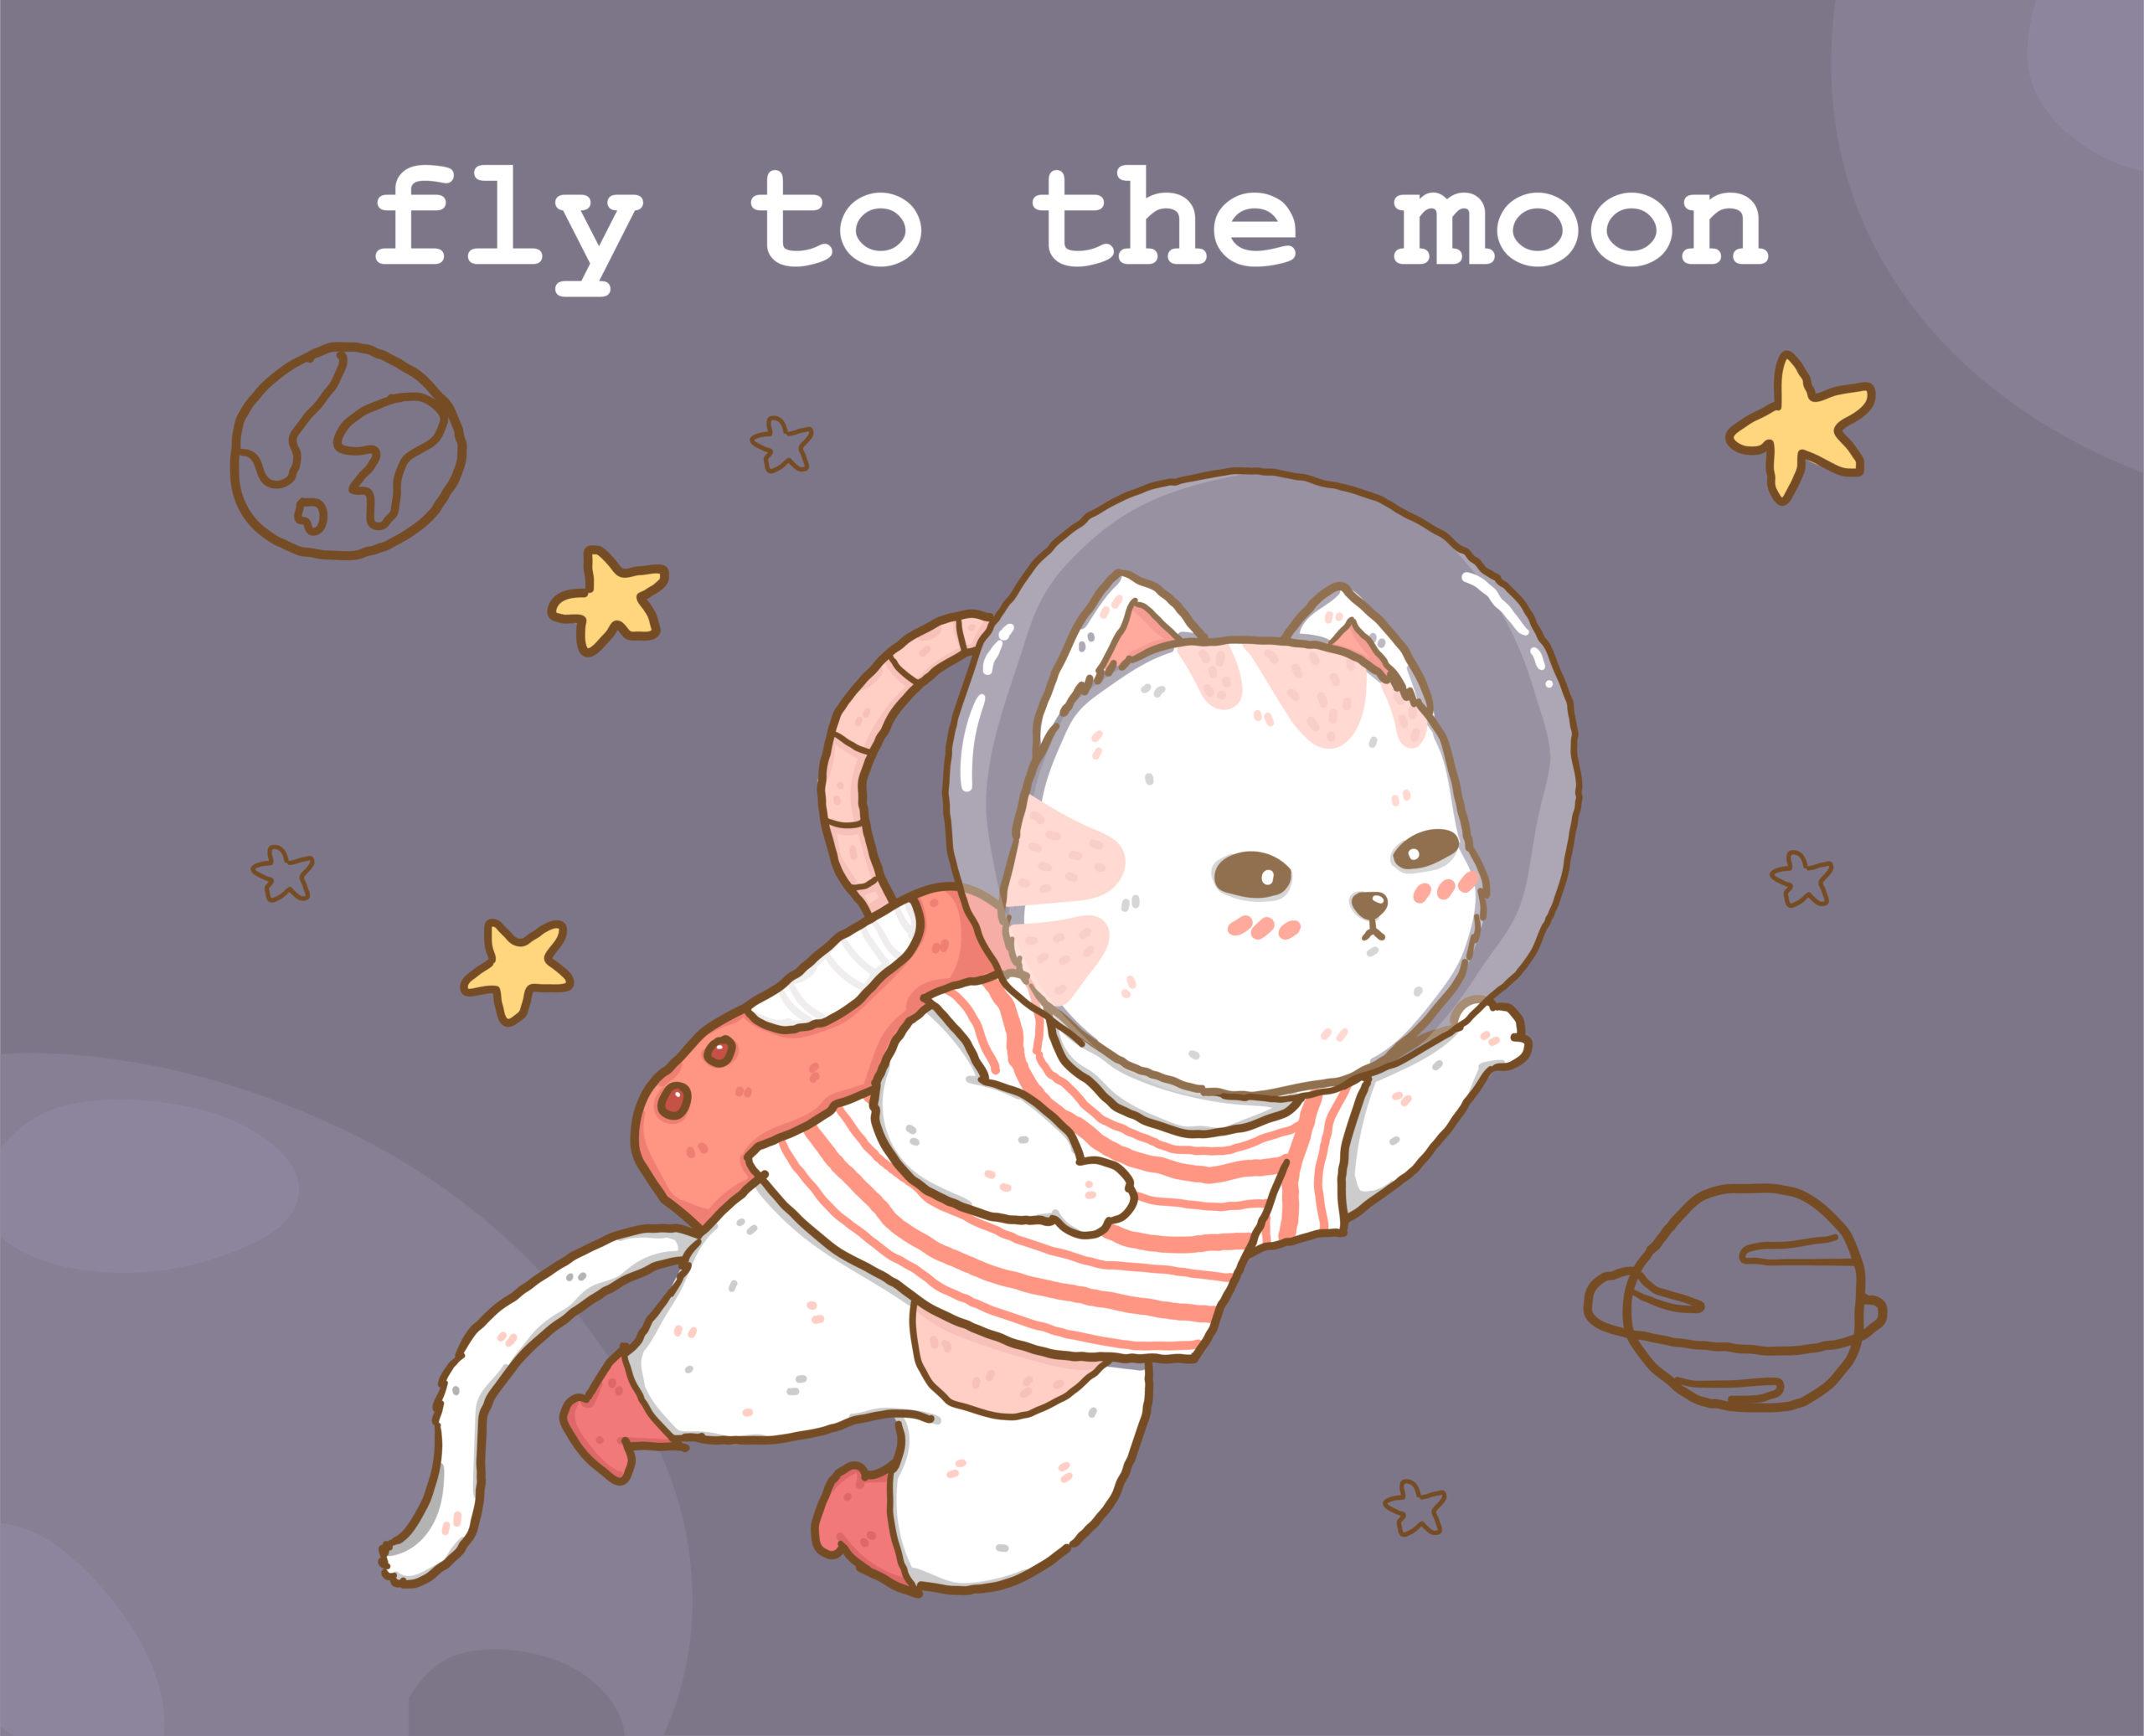 かわいい天体猫が星と惑星に囲まれた銀河を飛ぶ